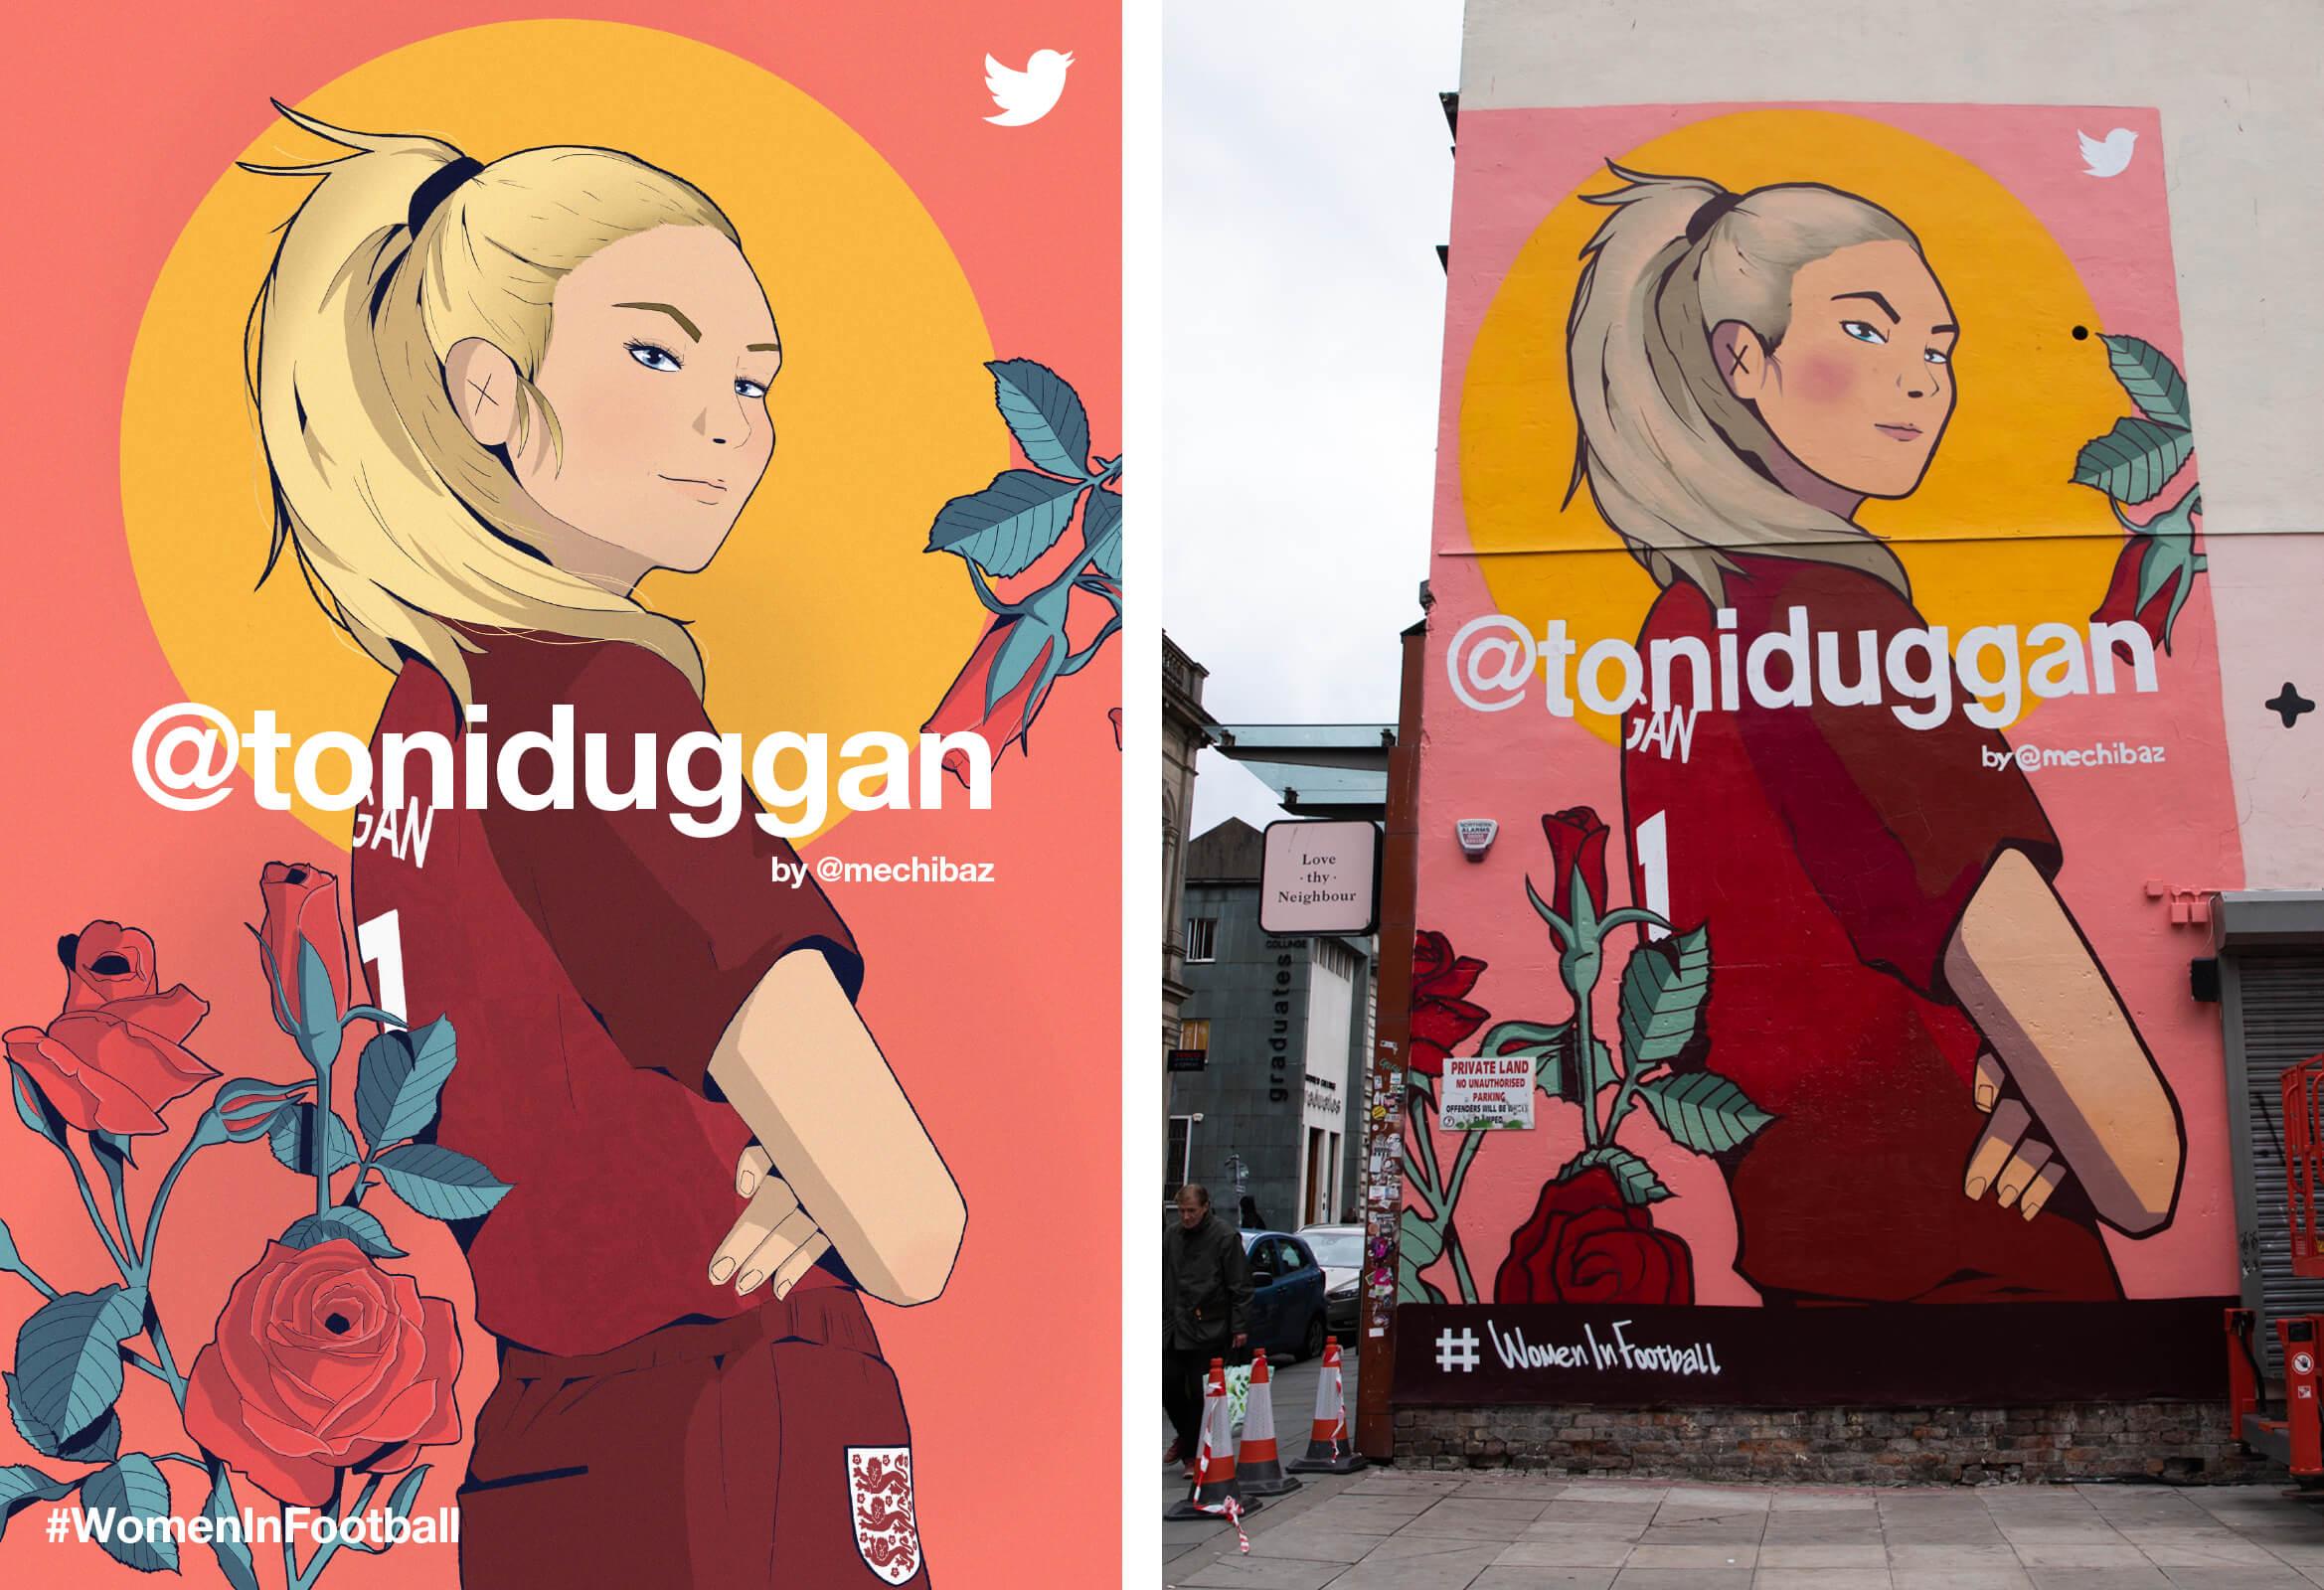 toniduggan2